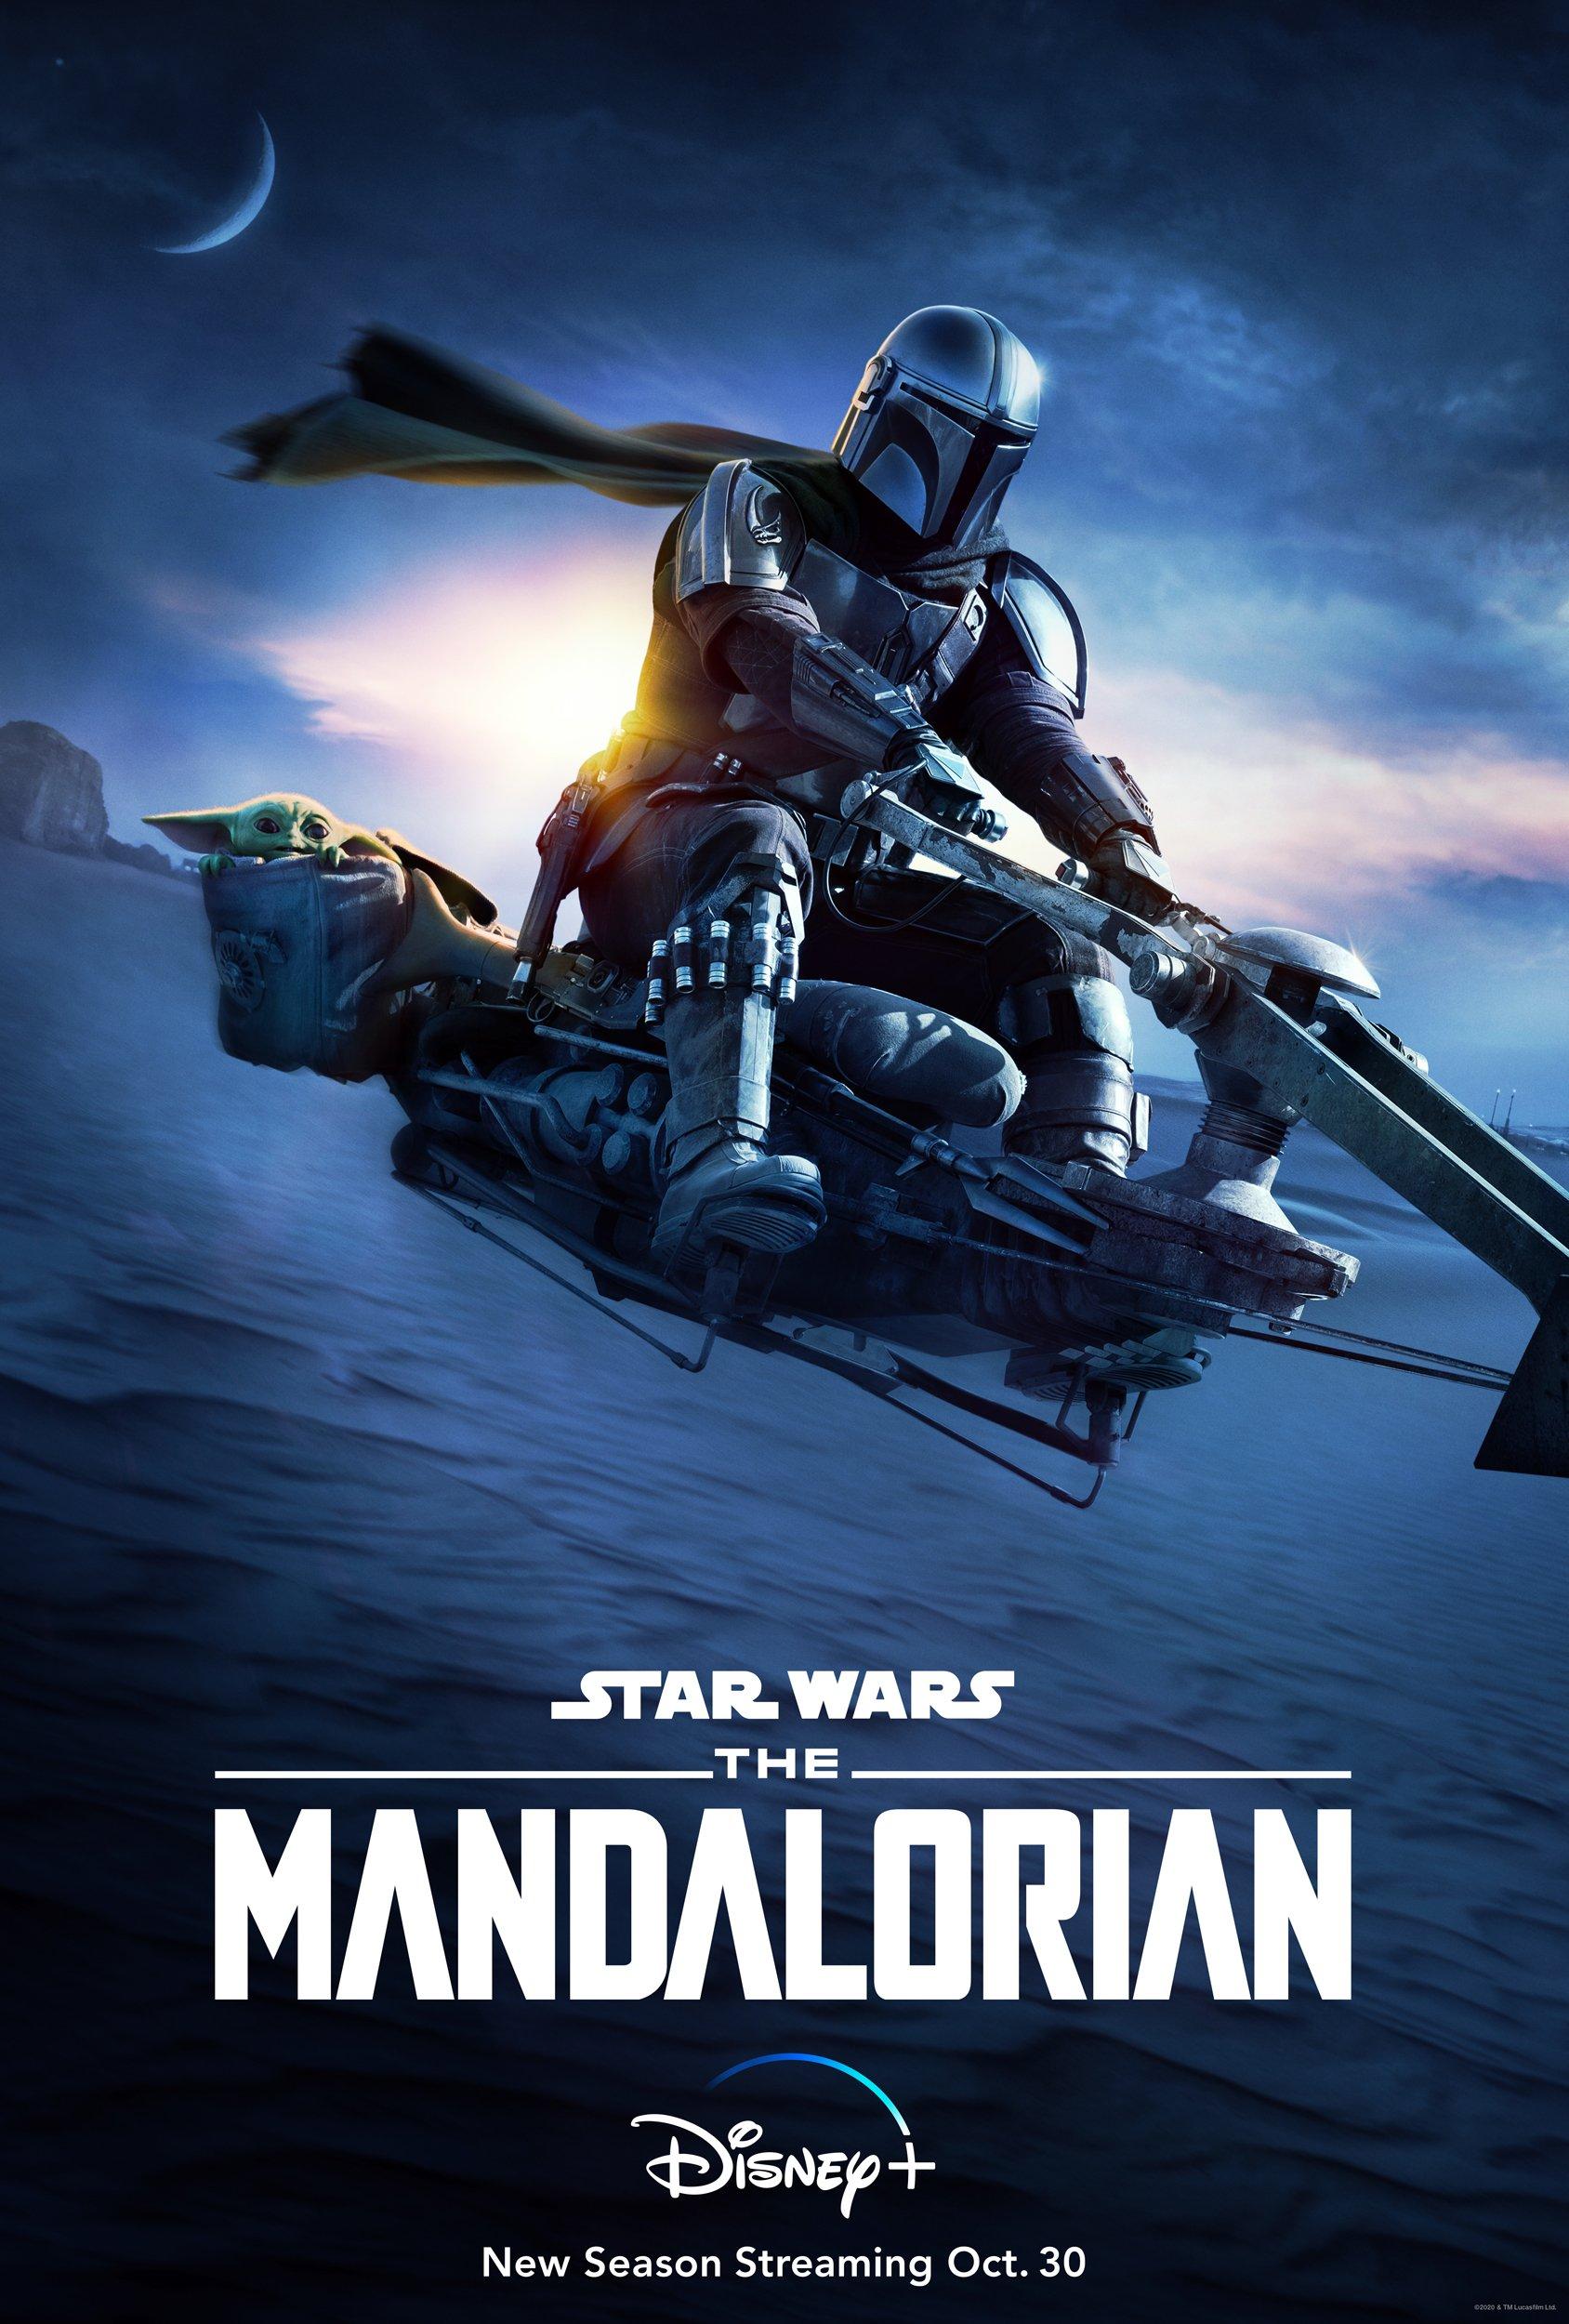 Mandalorian Season Two Poster